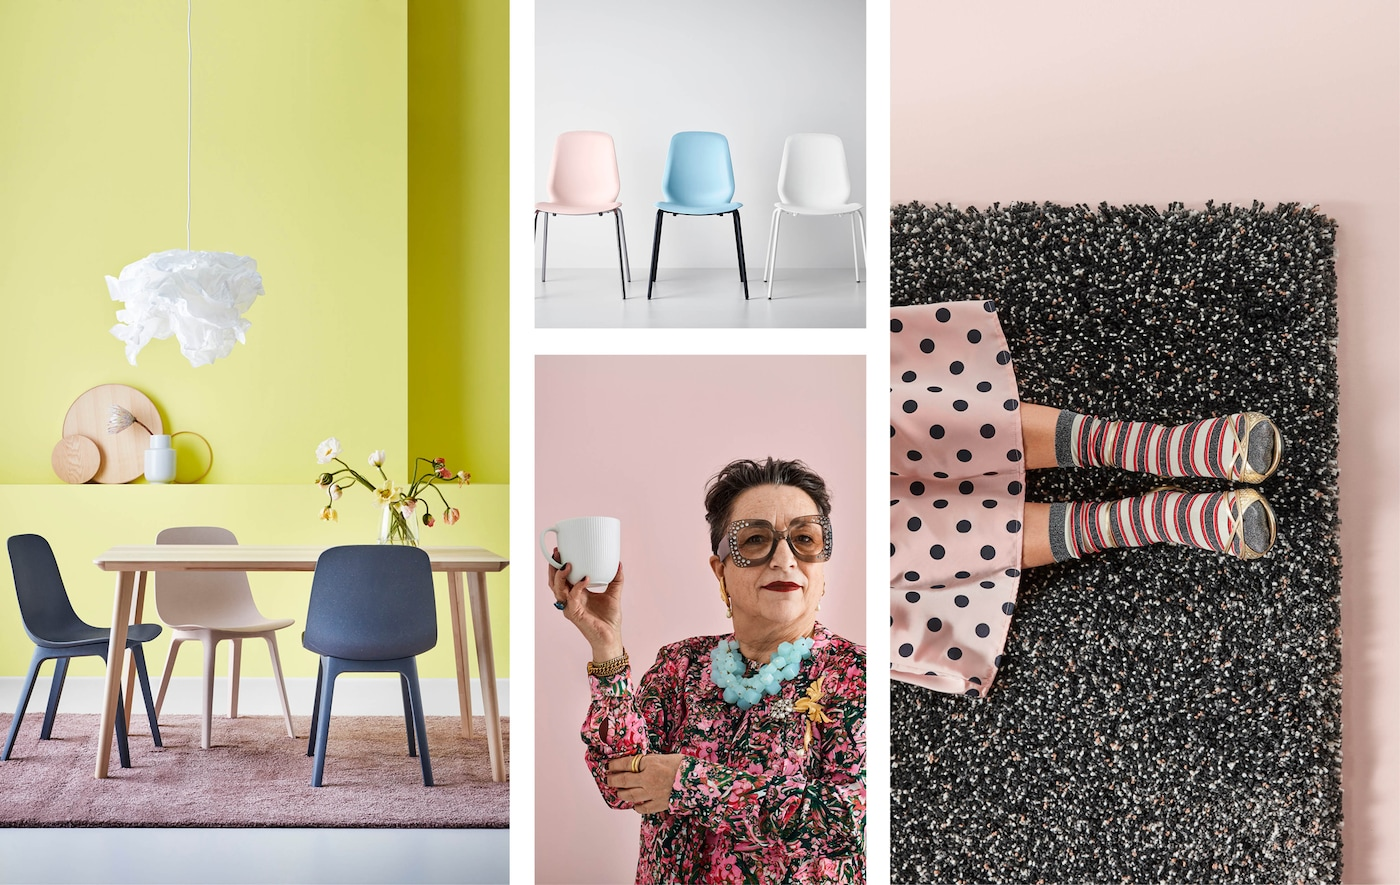 Collage in vivaci tonalità pastello con una sala da pranzo, alcune sedie, una donna con una tazza e un tappeto - IKEA